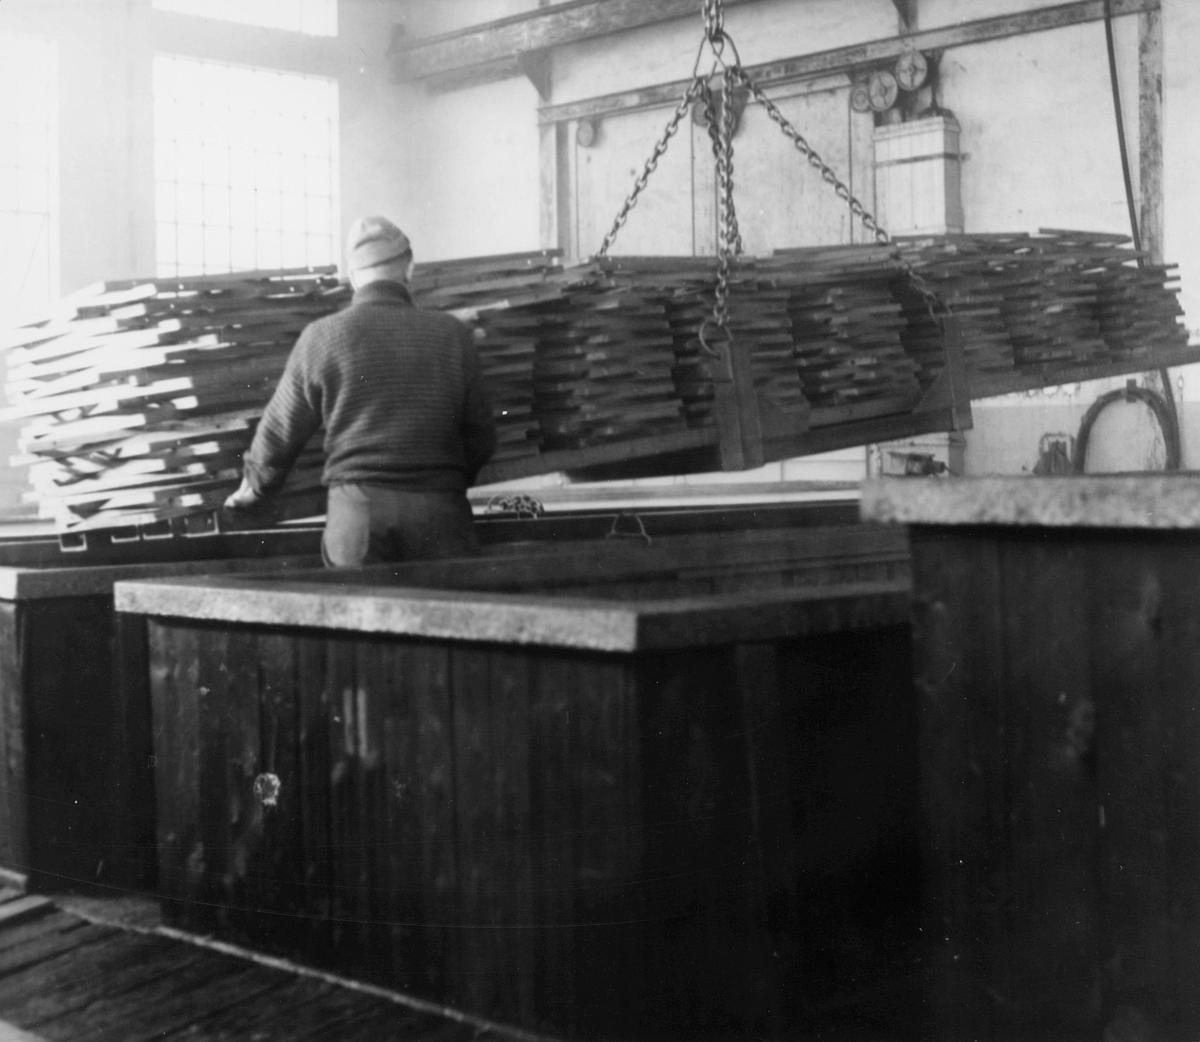 postkasser, produksjon, Krag maskinfabrikk A/S, mann, interiør